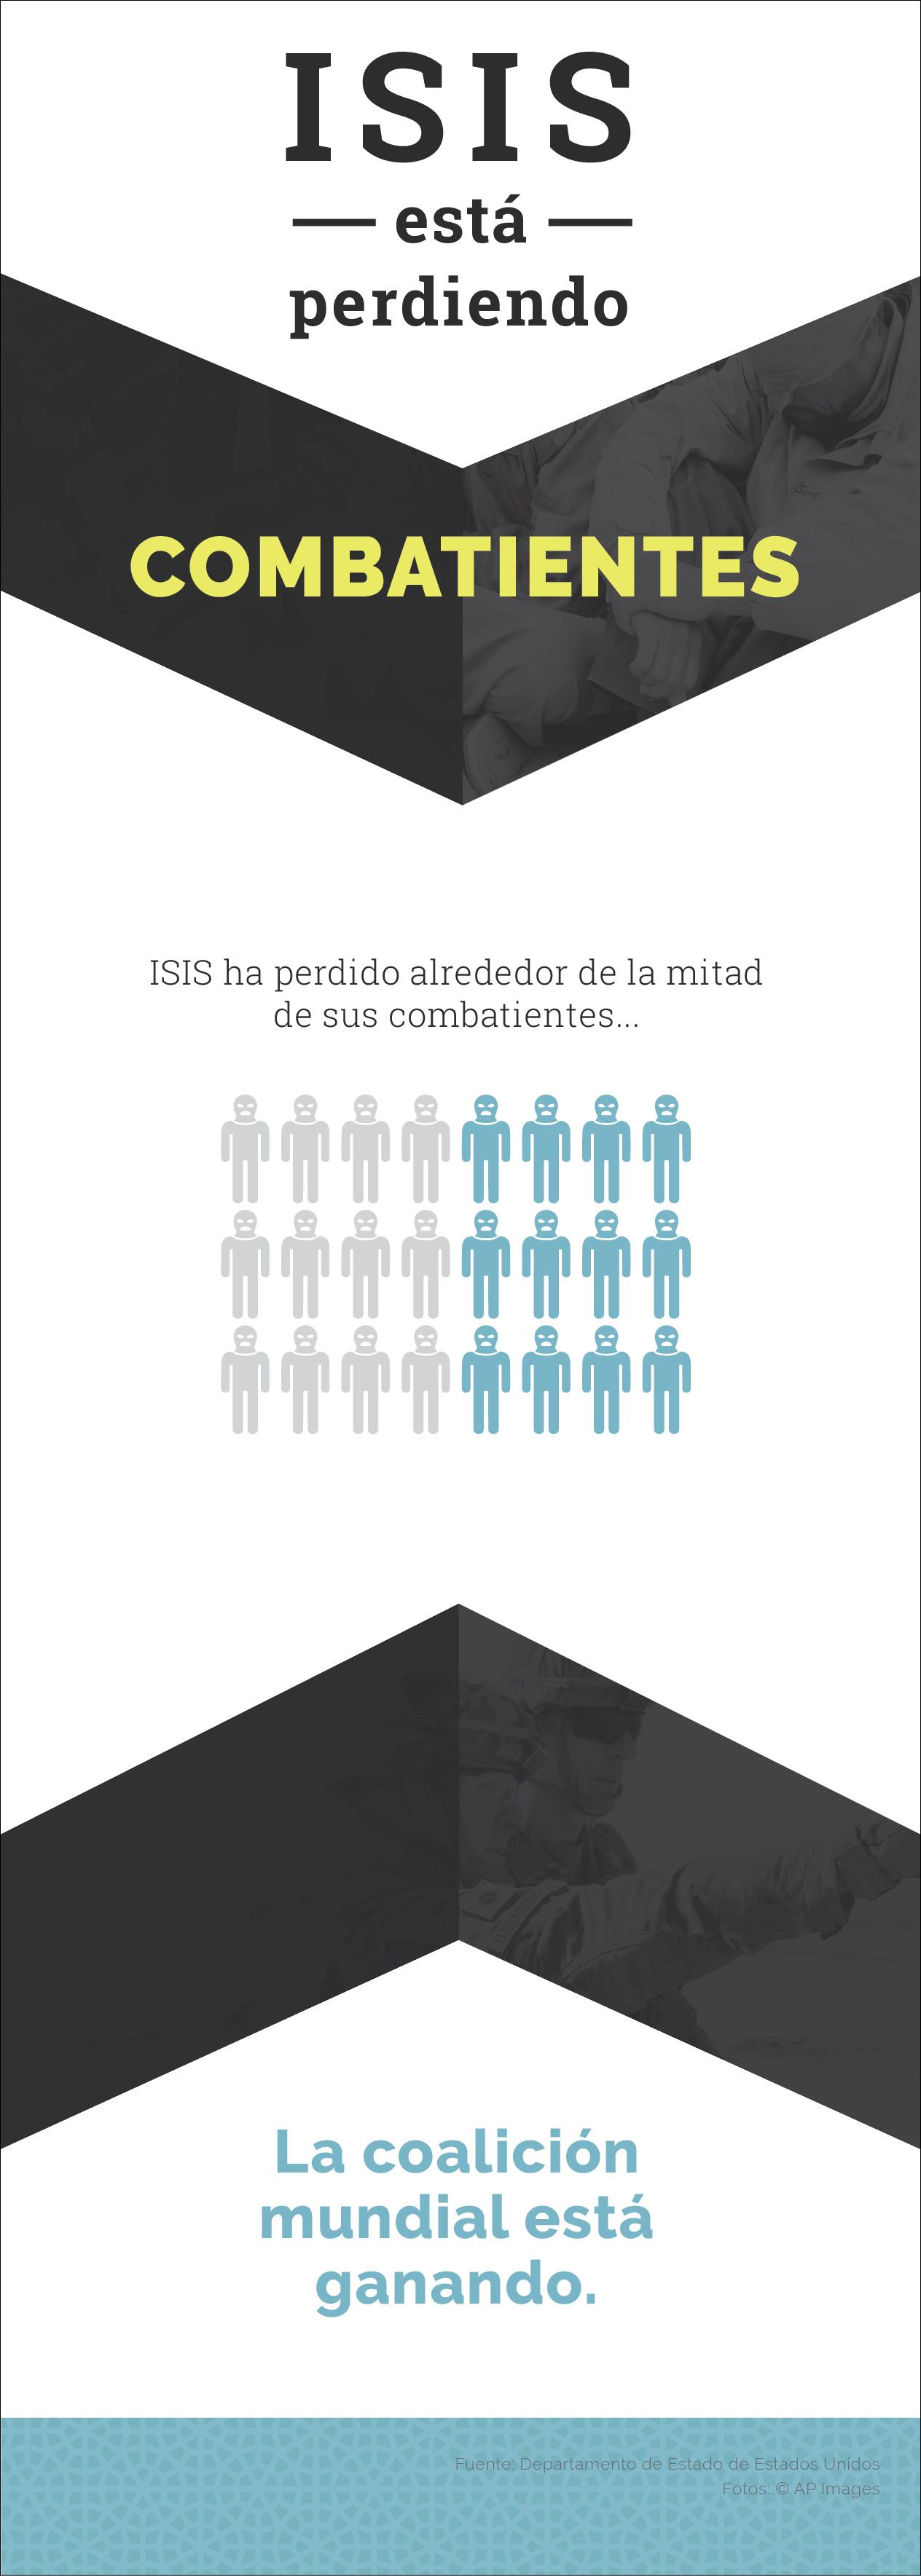 Gráfica muestra combatientes perdidos por ISIS (Depto. de Estado)